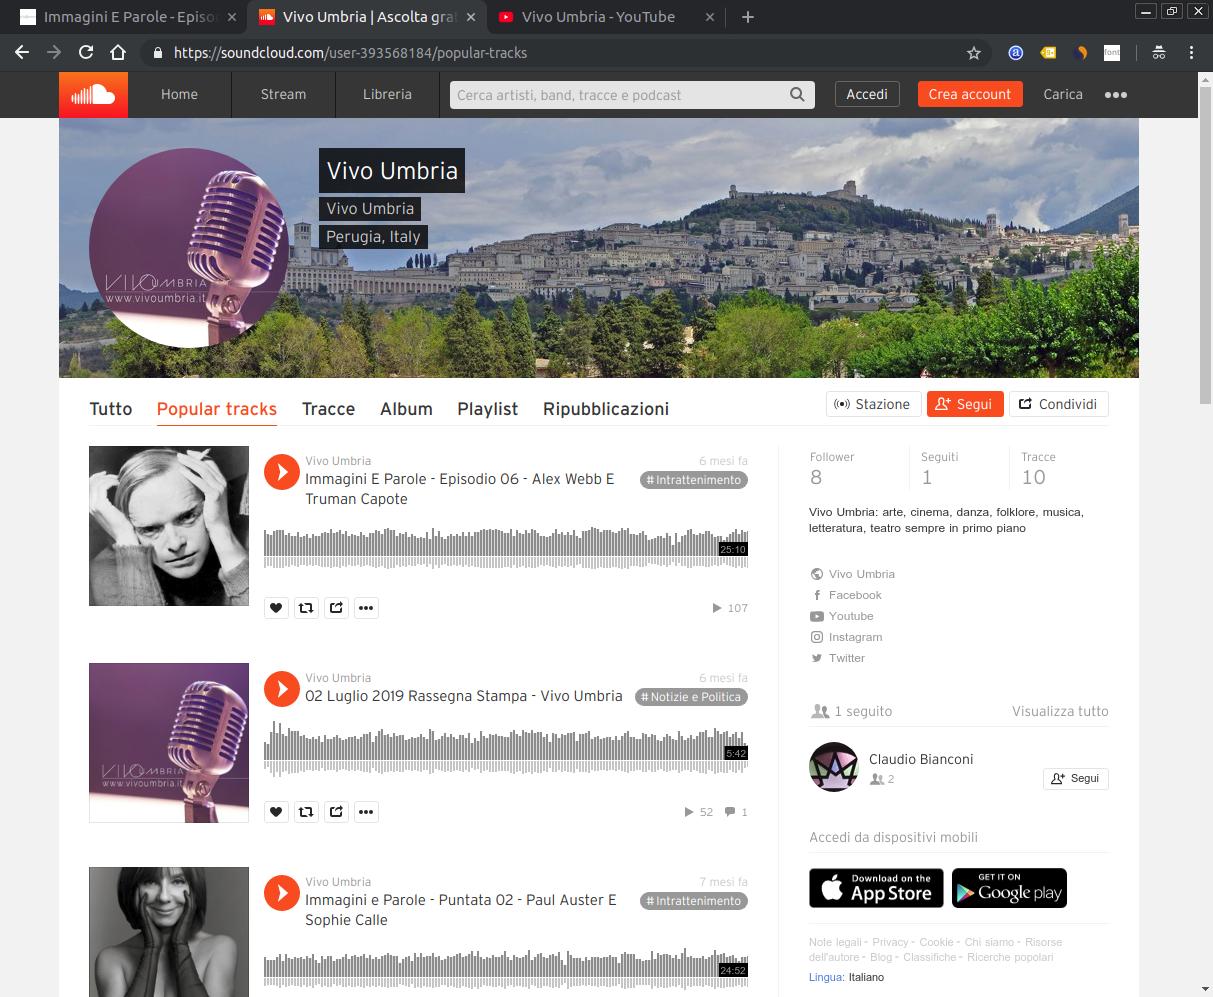 Screenshot del soundcloud di Vivo Umbria